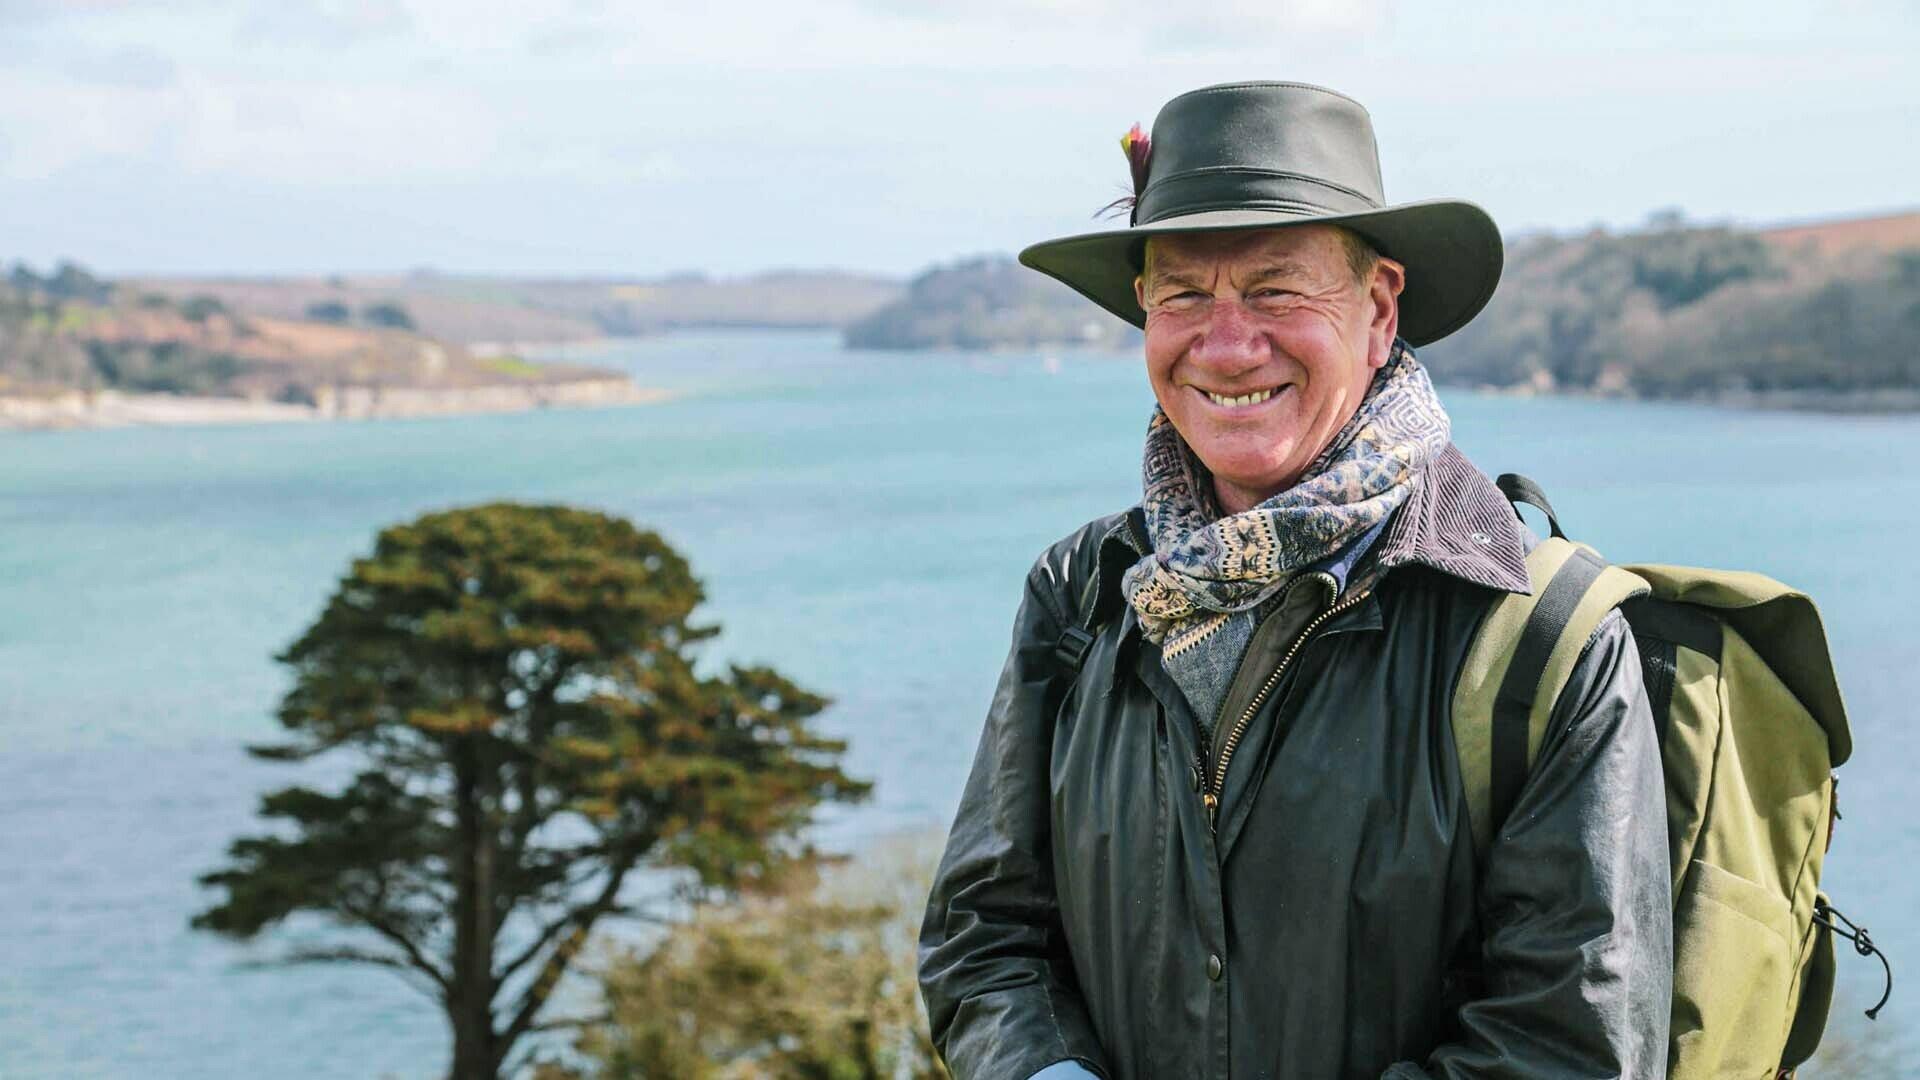 Coastal Devon & Cornwall with Michael Portillo — s01e02 — Episode 2